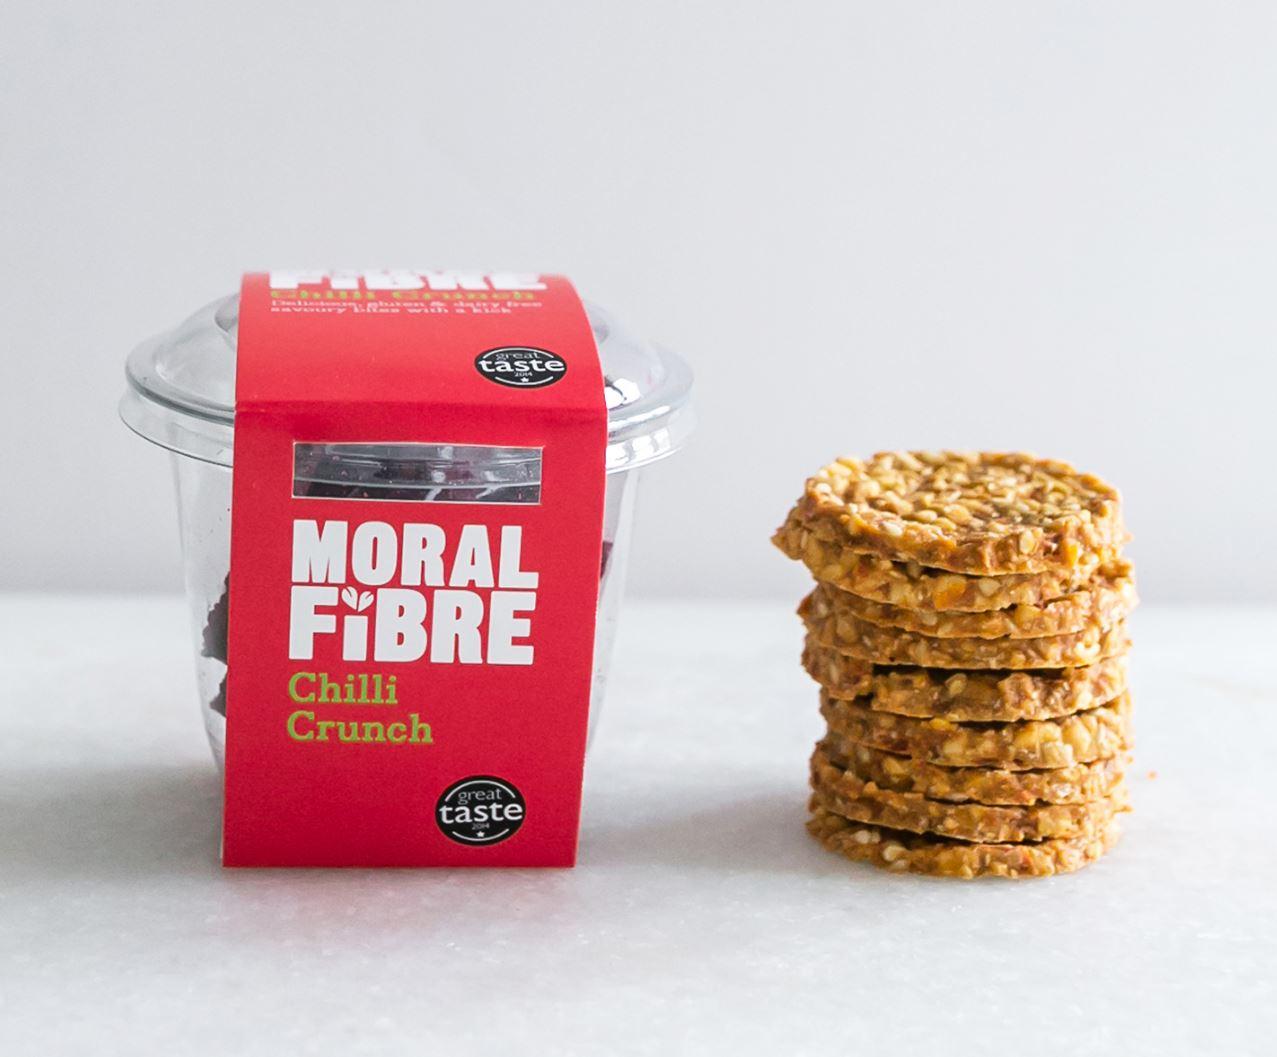 moral-fibre